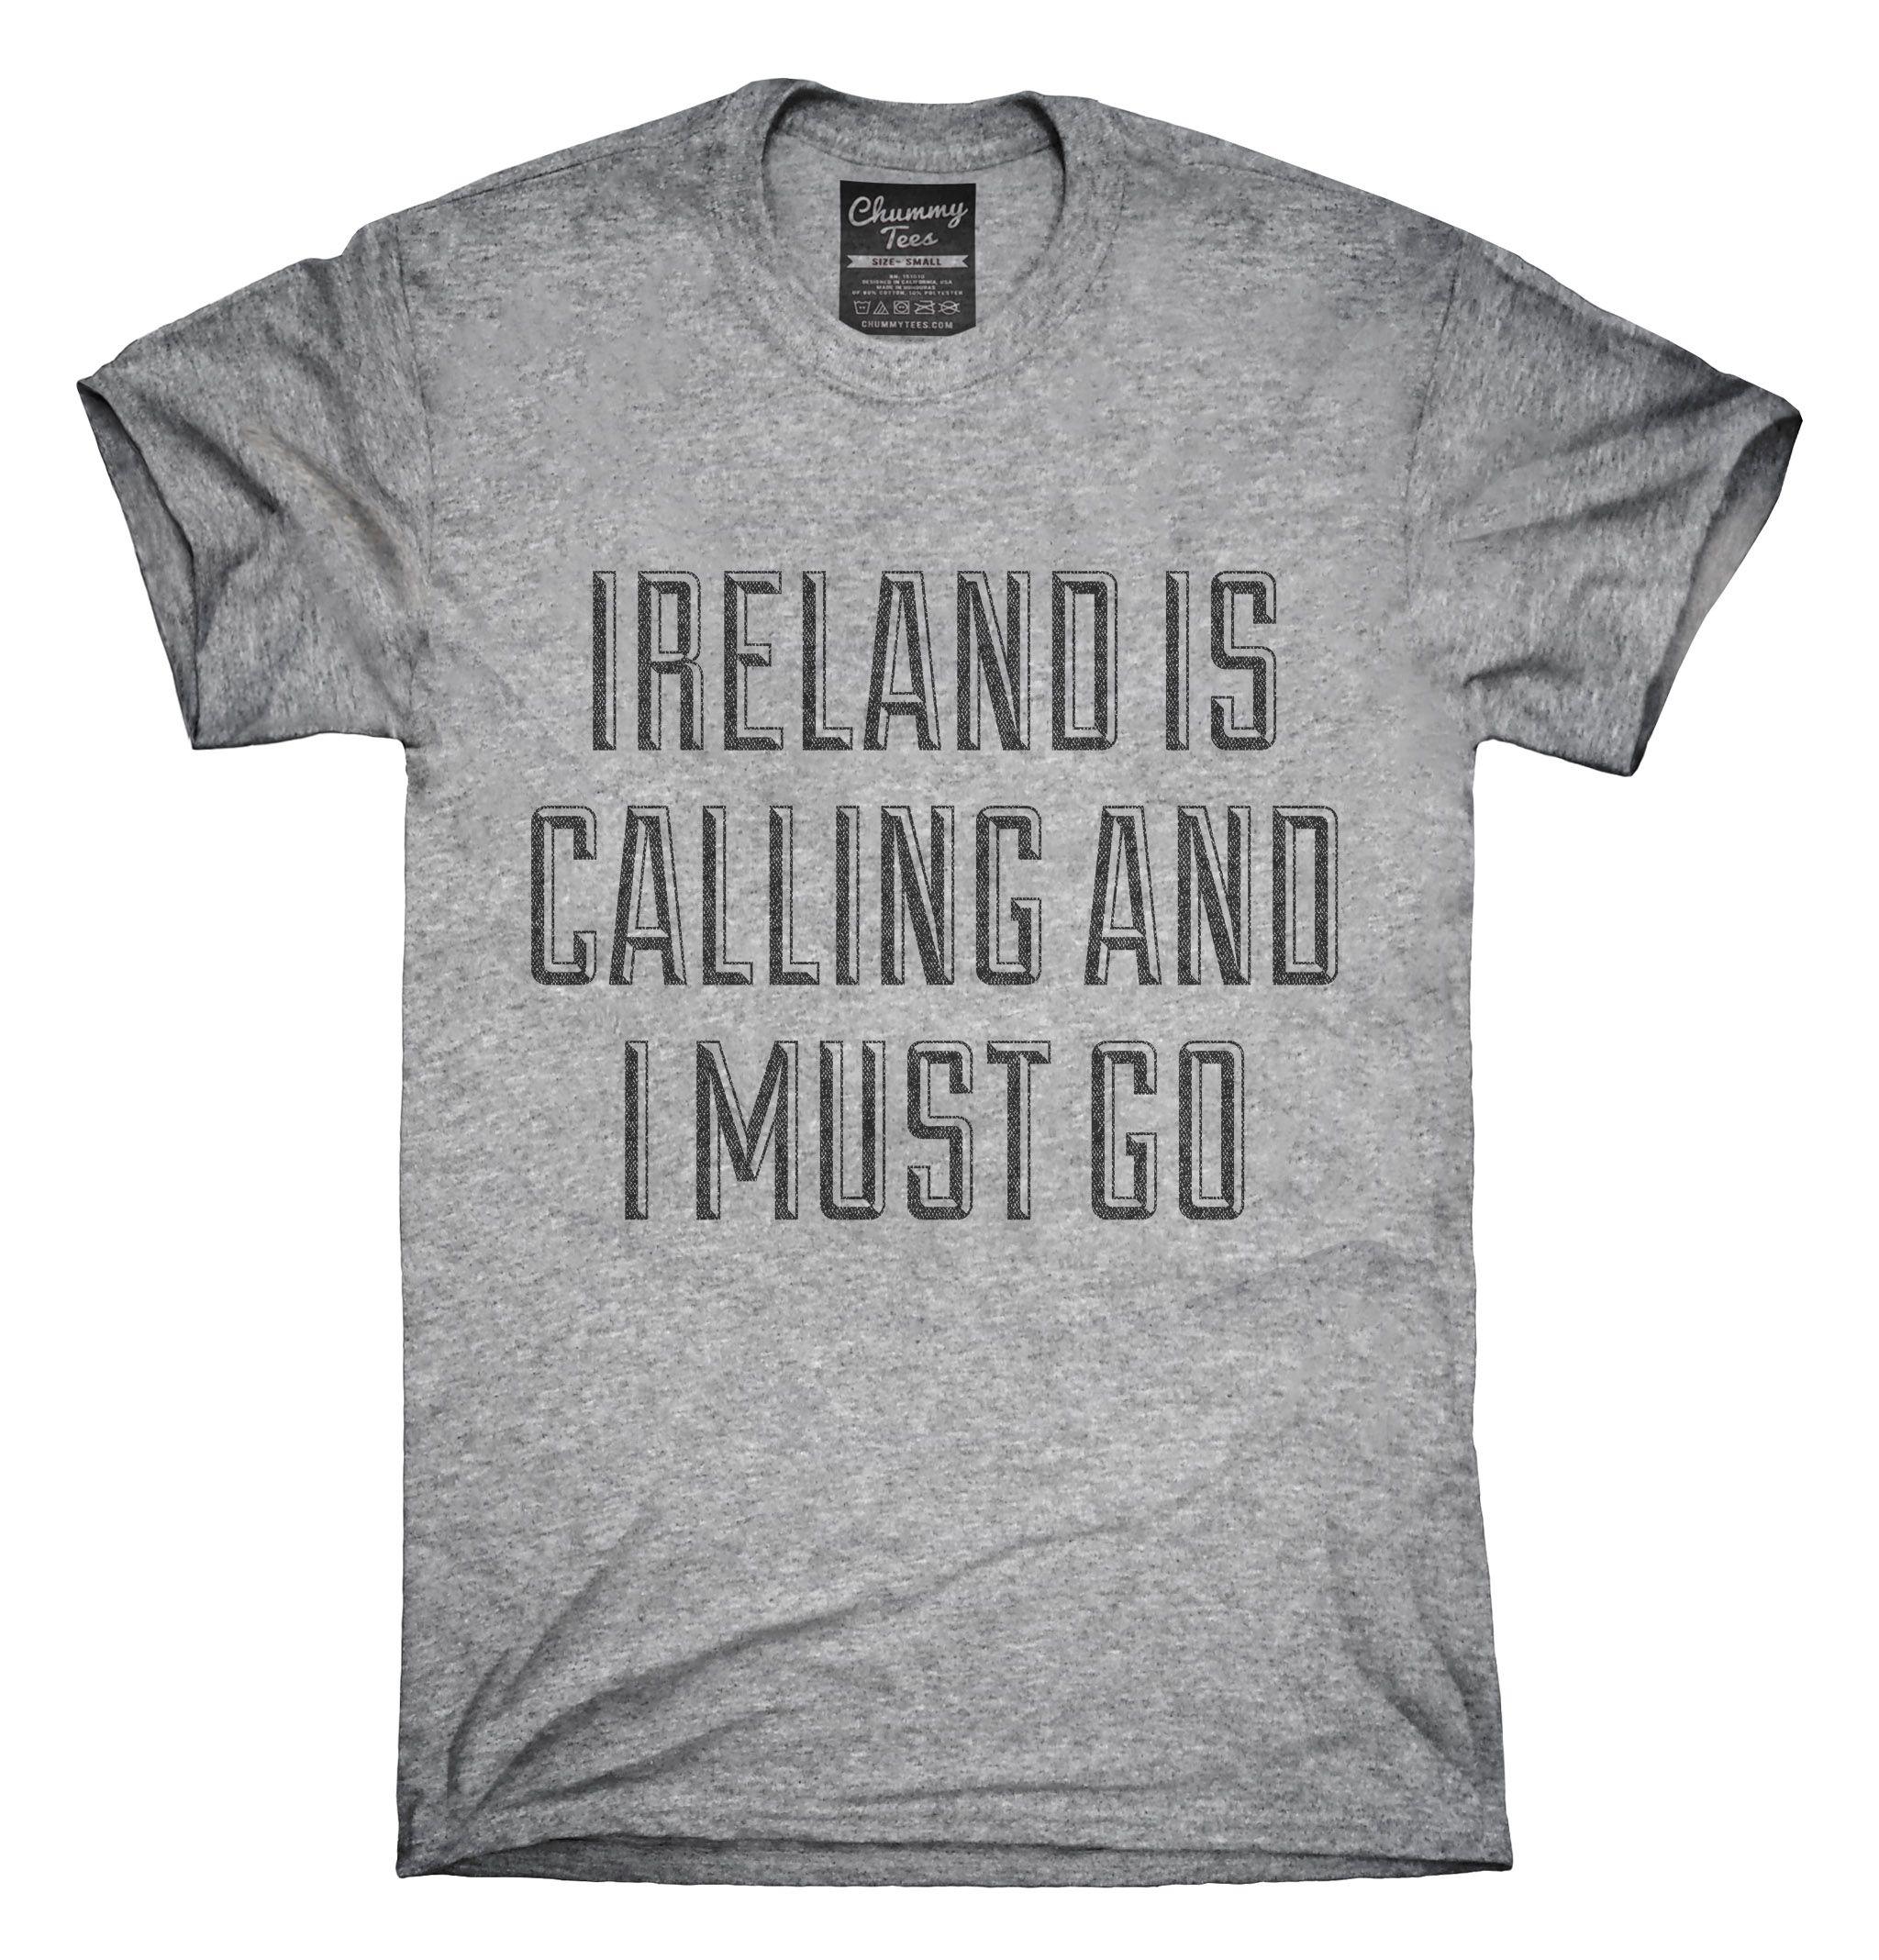 storia del matchmaking in Irlanda incontri online gratis India